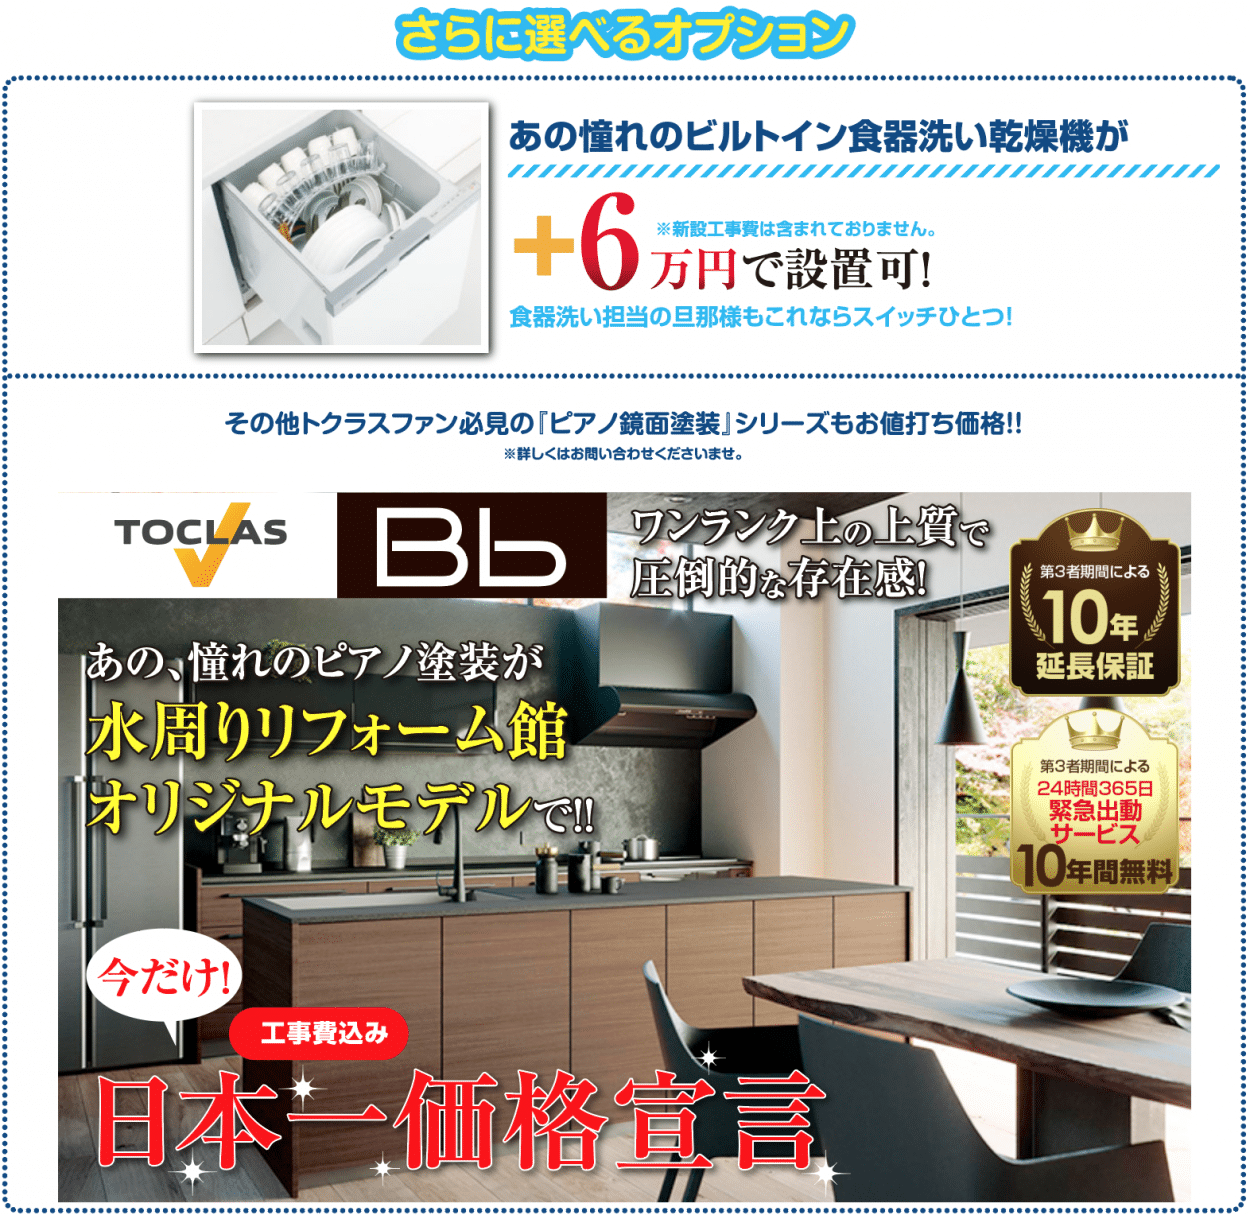 更に選べるオプション!TOCLASキッチンのオプションビルトイン食器洗浄乾燥機がプラス6万円で設置可能!